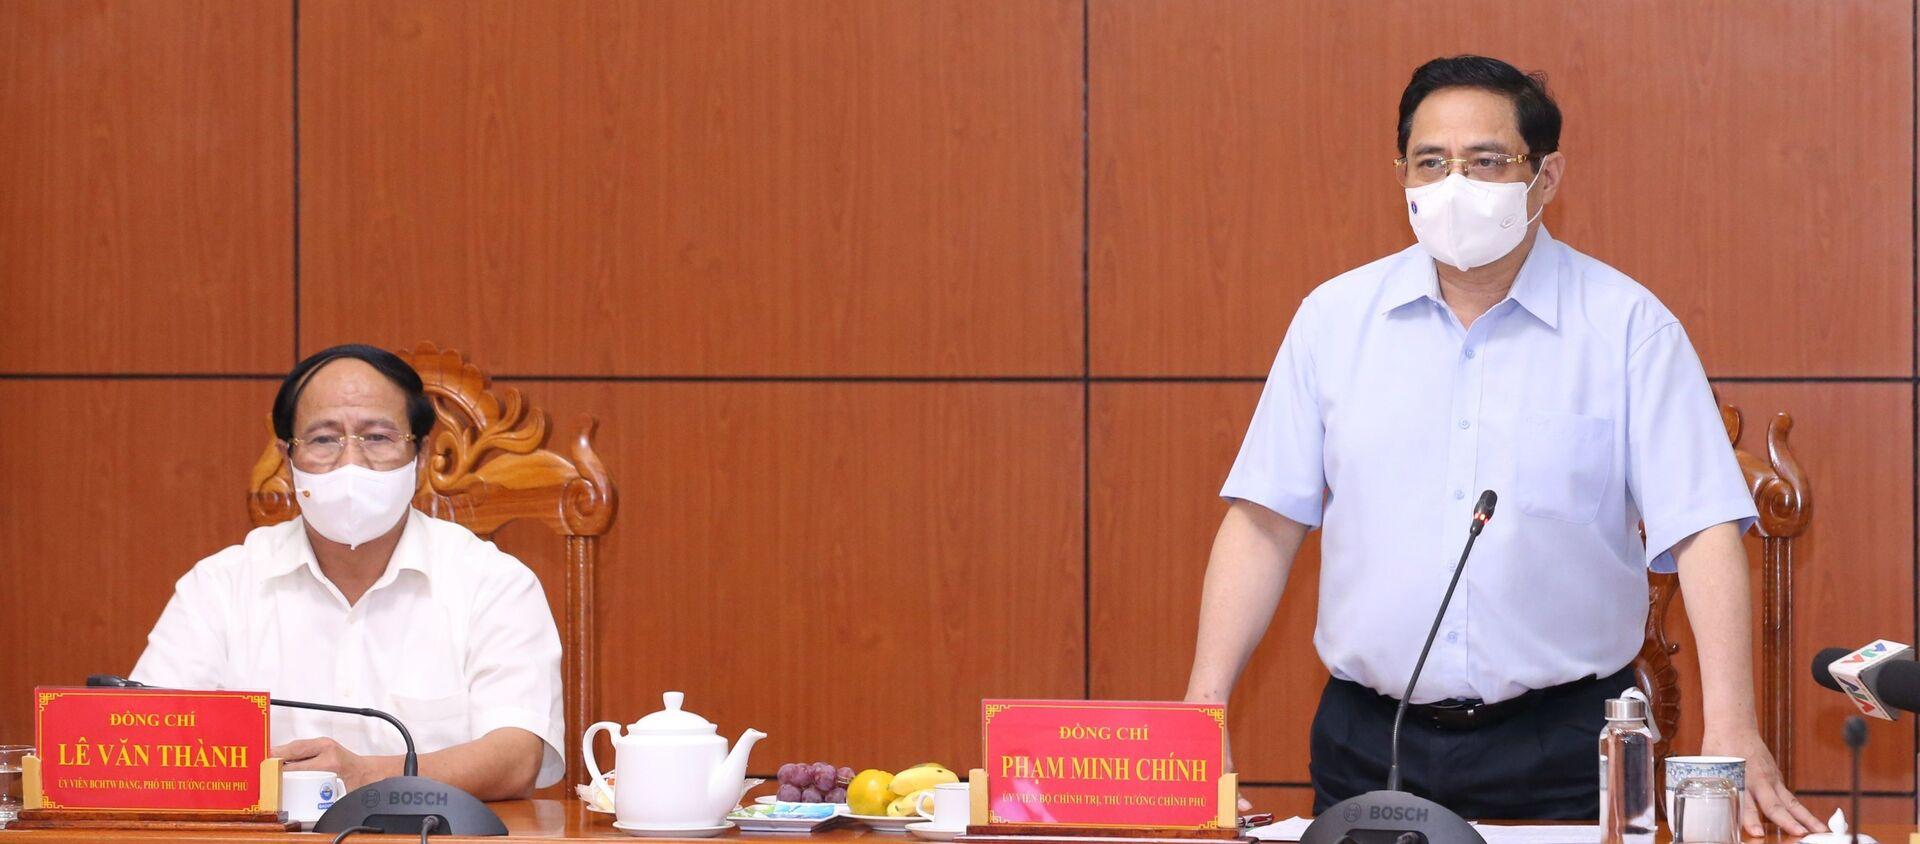 Thủ tướng Phạm Minh Chính phát biểu chỉ đạo từ điểm cầu tỉnh An Giang - Sputnik Việt Nam, 1920, 09.05.2021